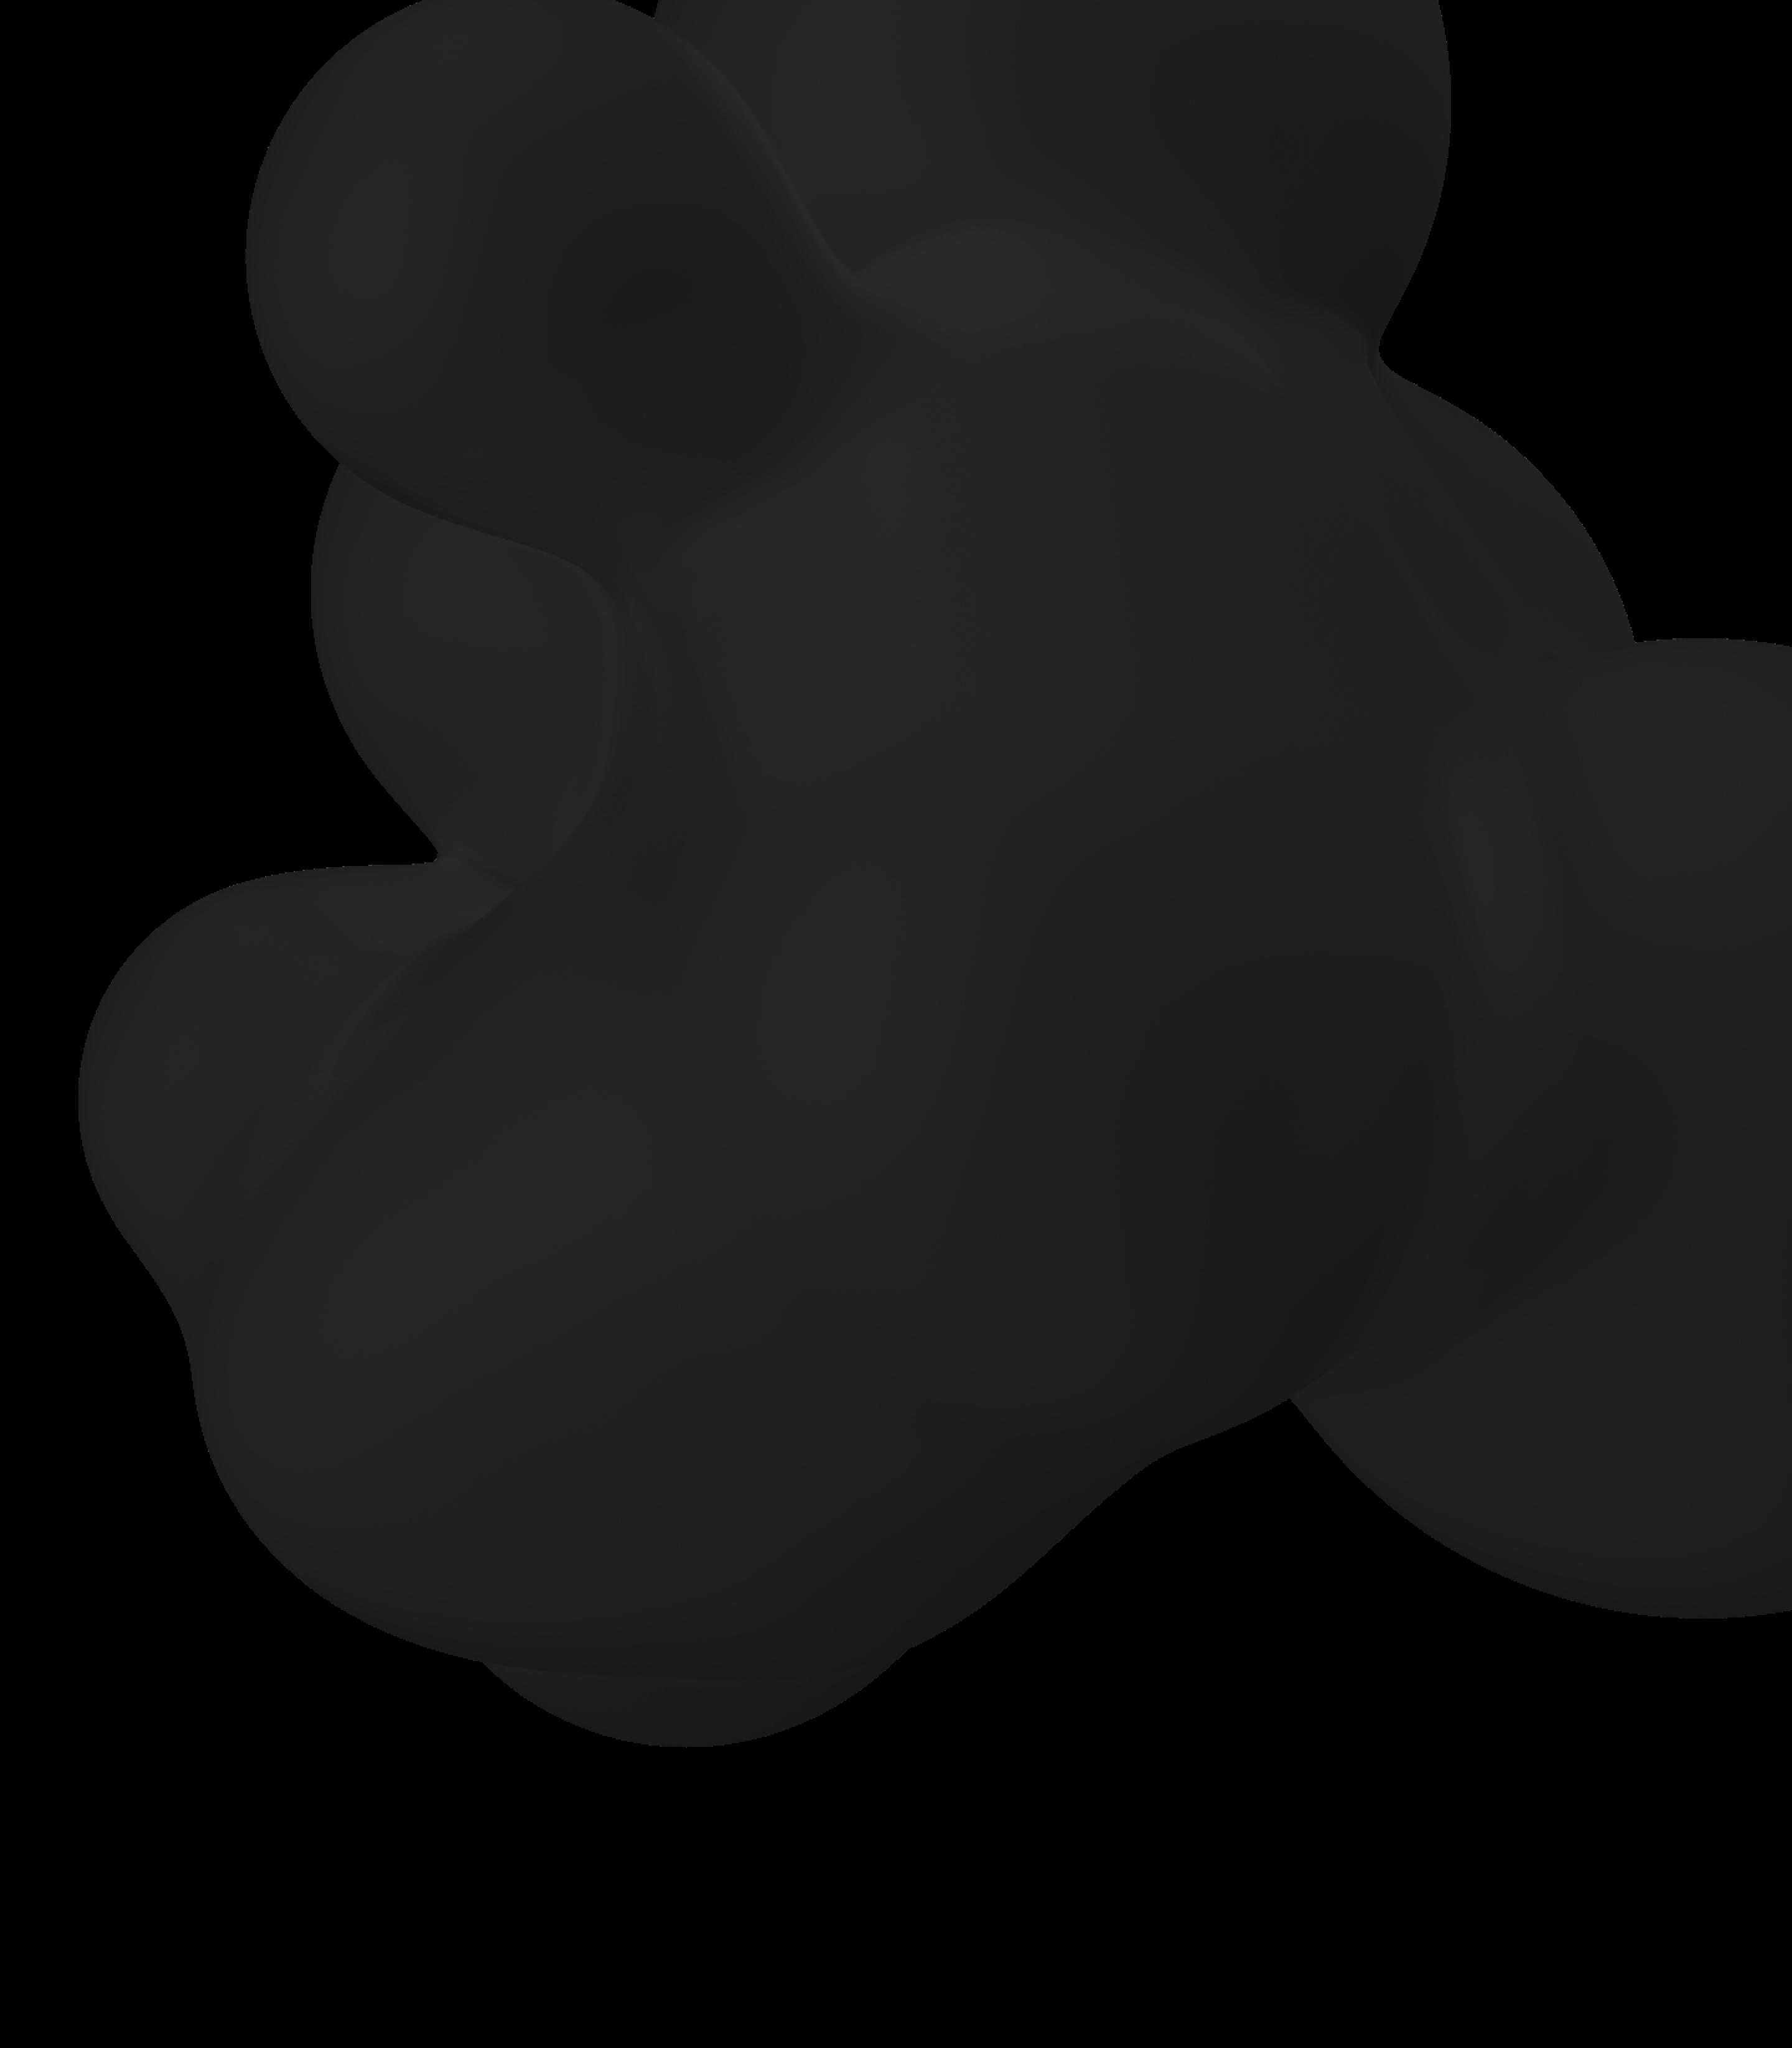 bg blob